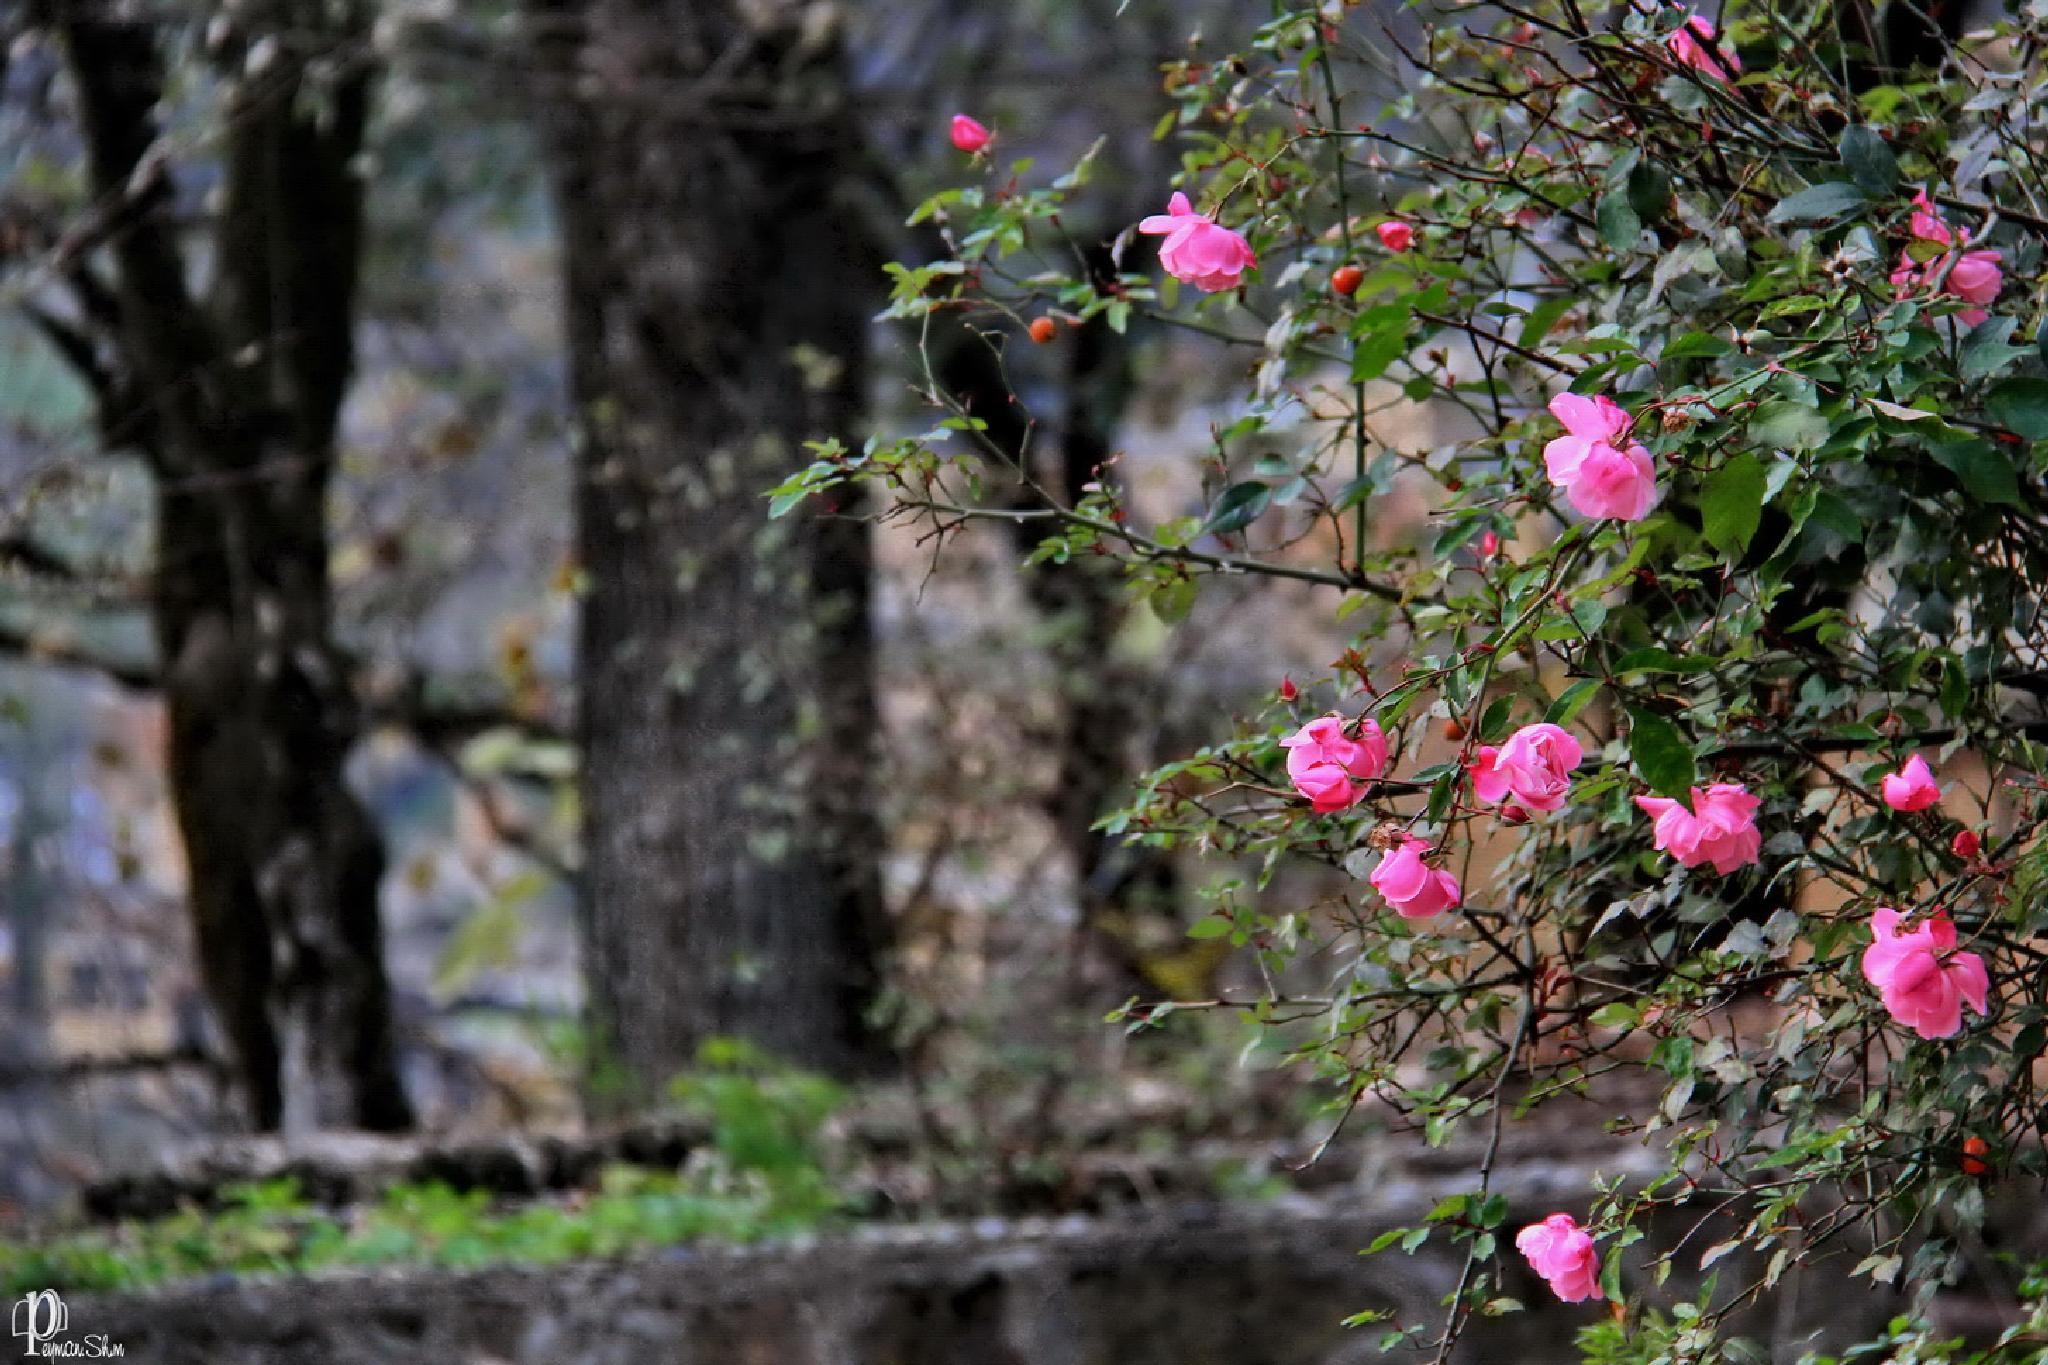 Pink by Peyman shm